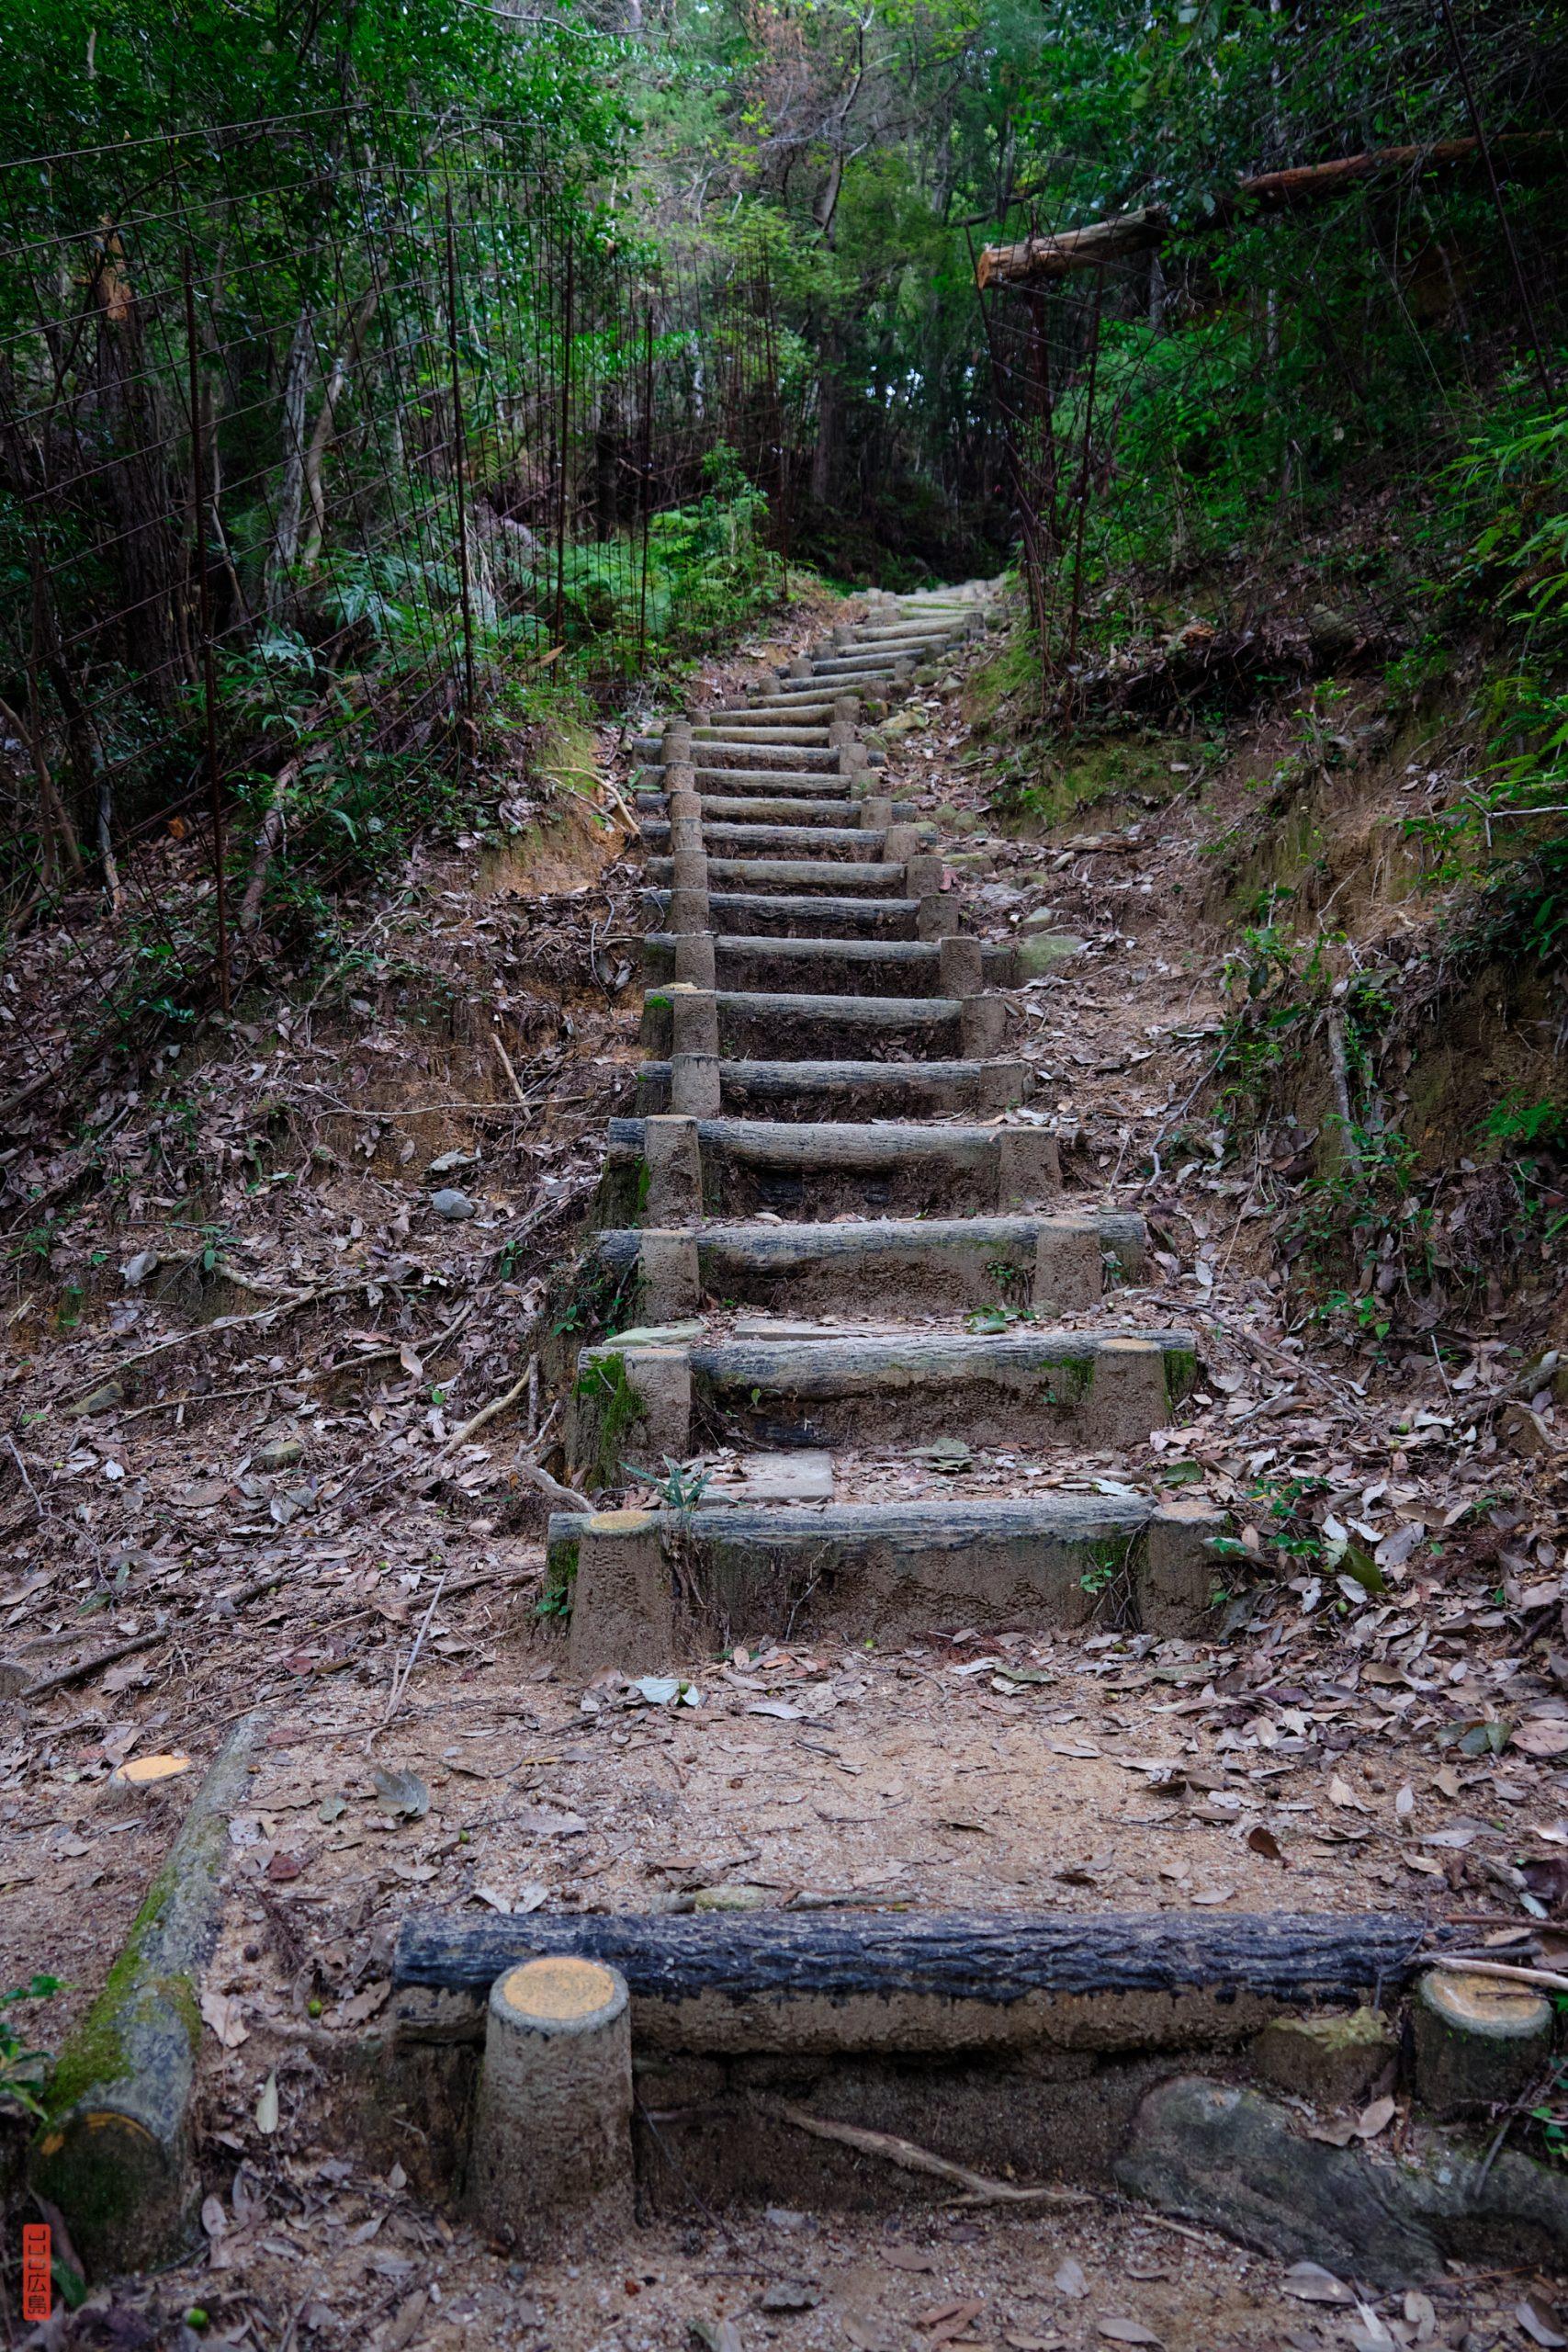 escaliers sur le chemin de randonnée du mont Shirakiyama